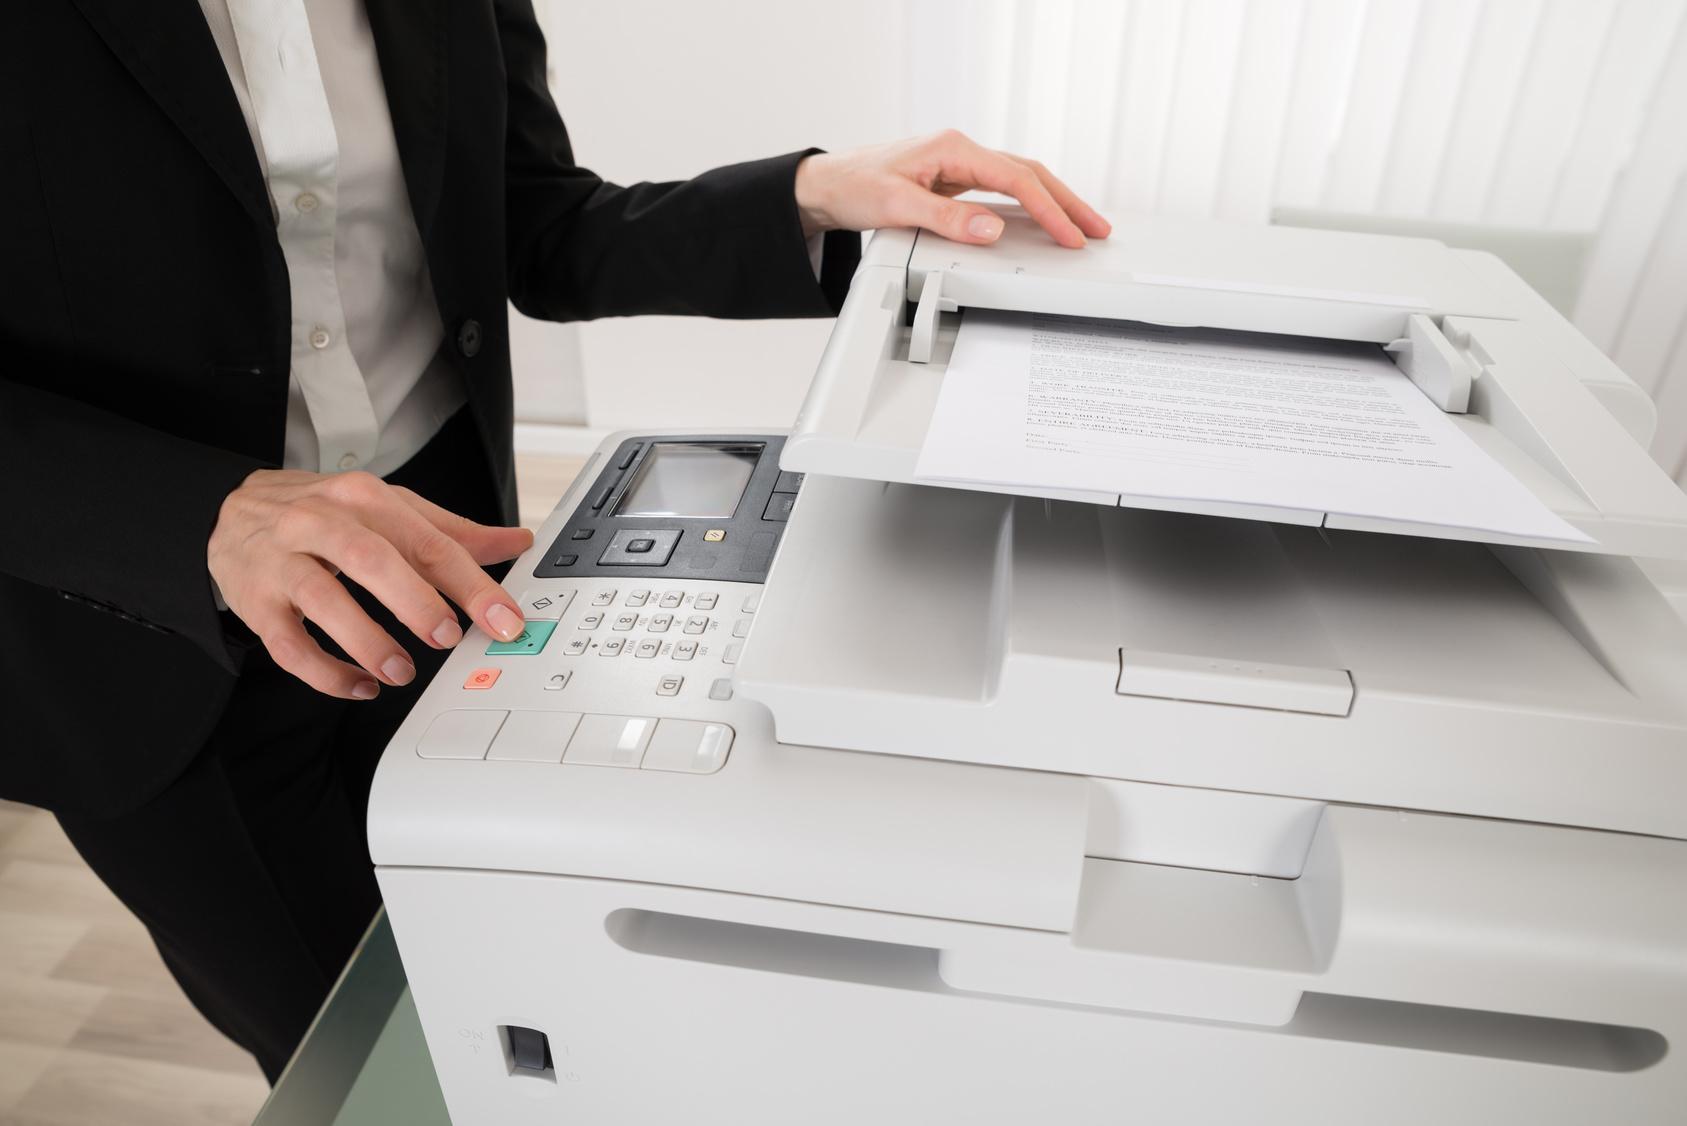 Drucker für Studenten